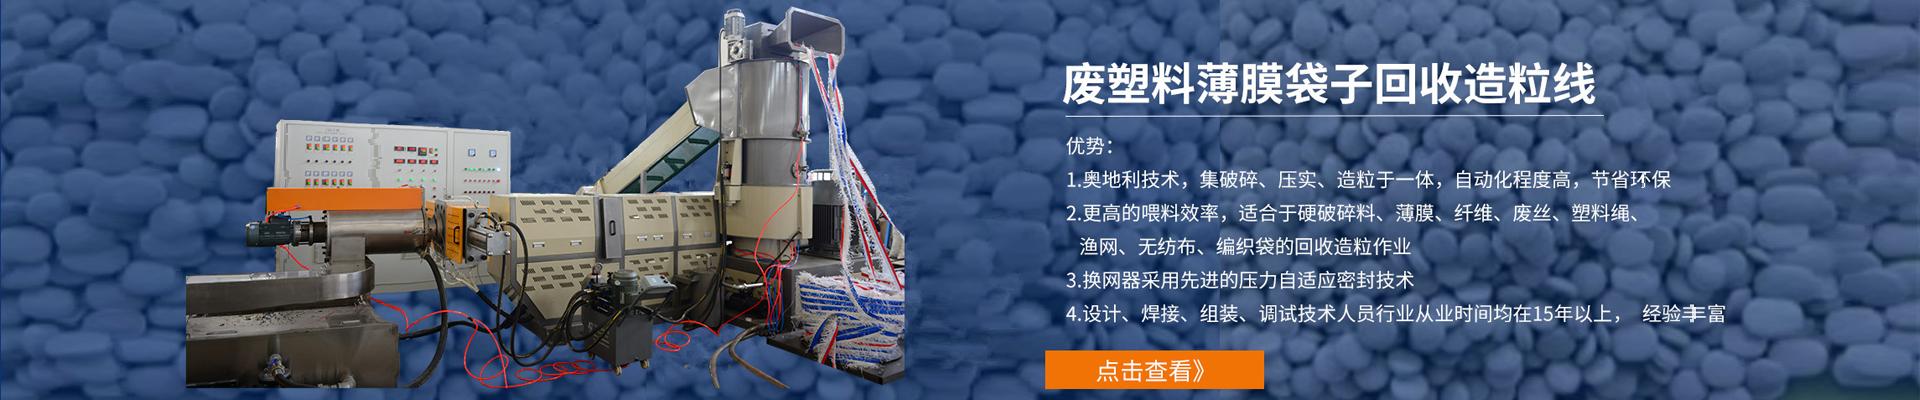 张家港宝塑机械有限公司